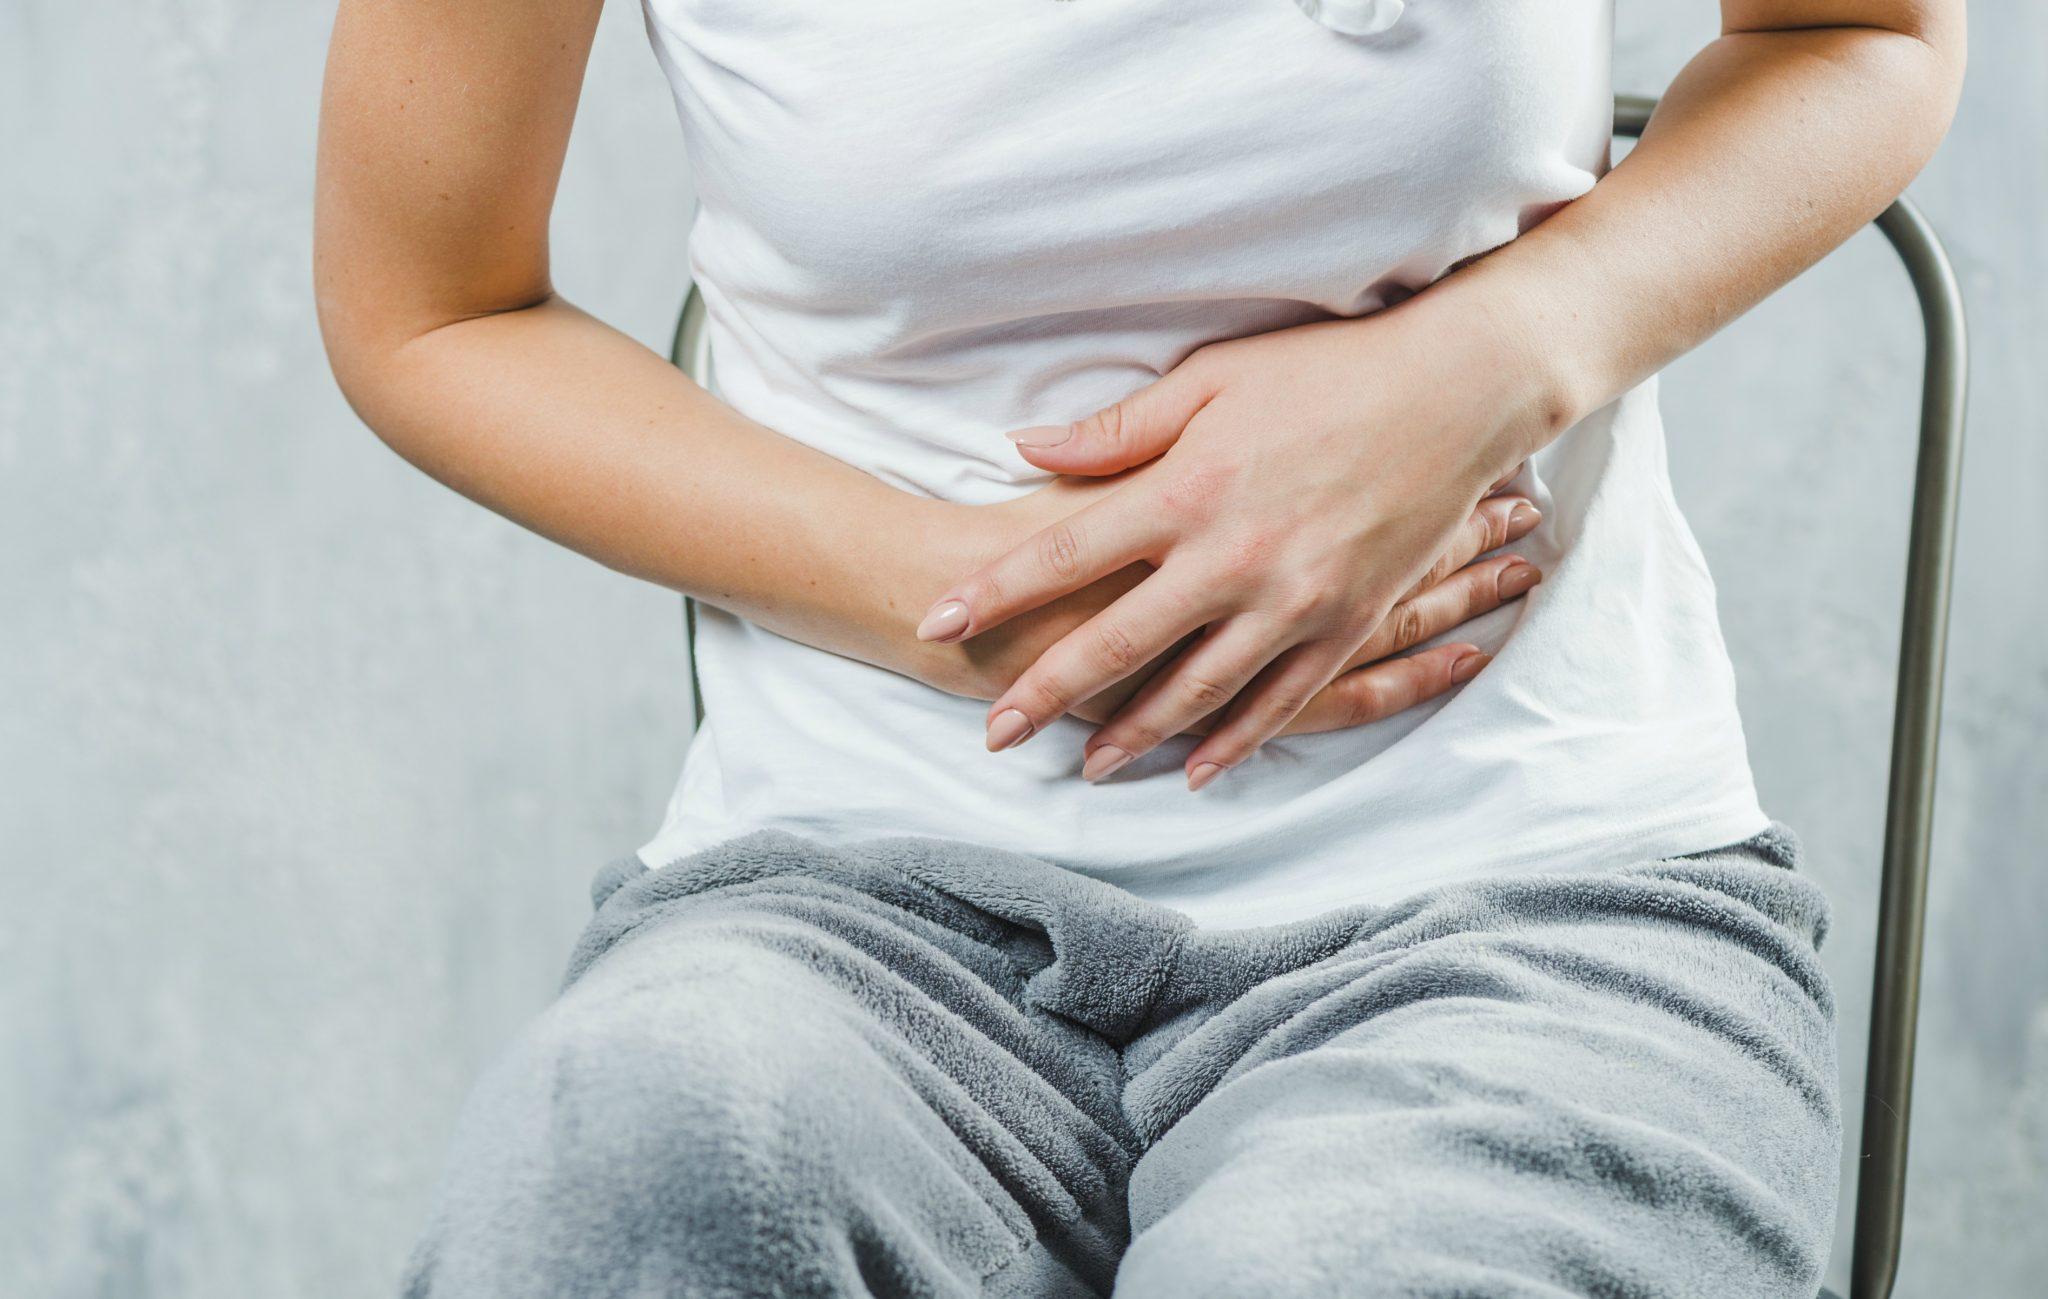 AMITIZA ajudará no tratamento de doenças como constipação idiopática crônica